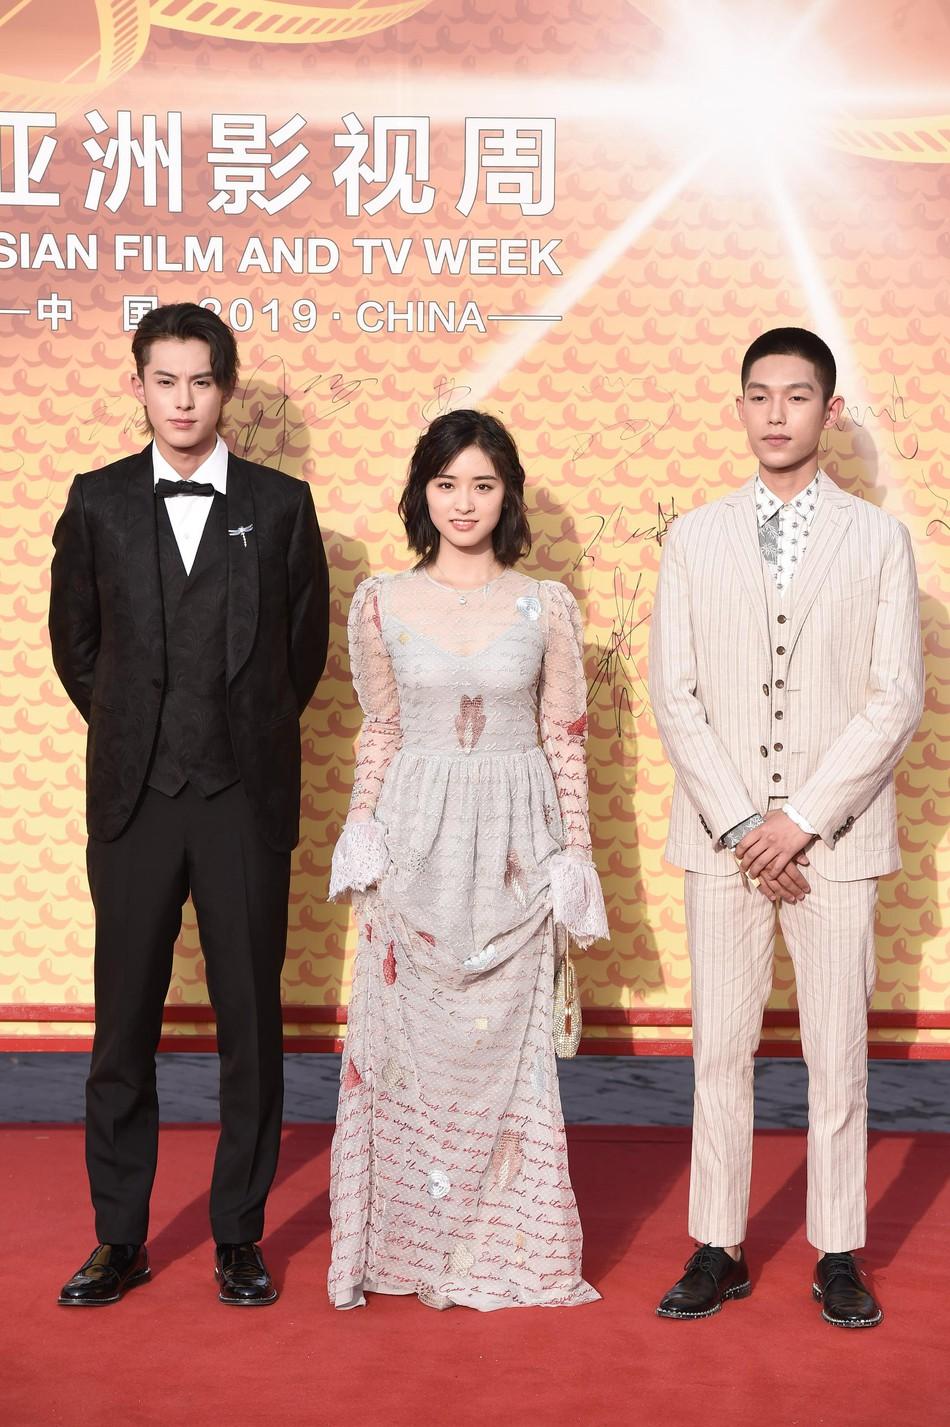 Sự kiện khủng Cbiz: Dương Mịch cạnh tranh nhan sắc khốc liệt với đàn em, Huỳnh Hiểu Minh gây bất ngờ với diện mạo cực trẻ - Ảnh 26.